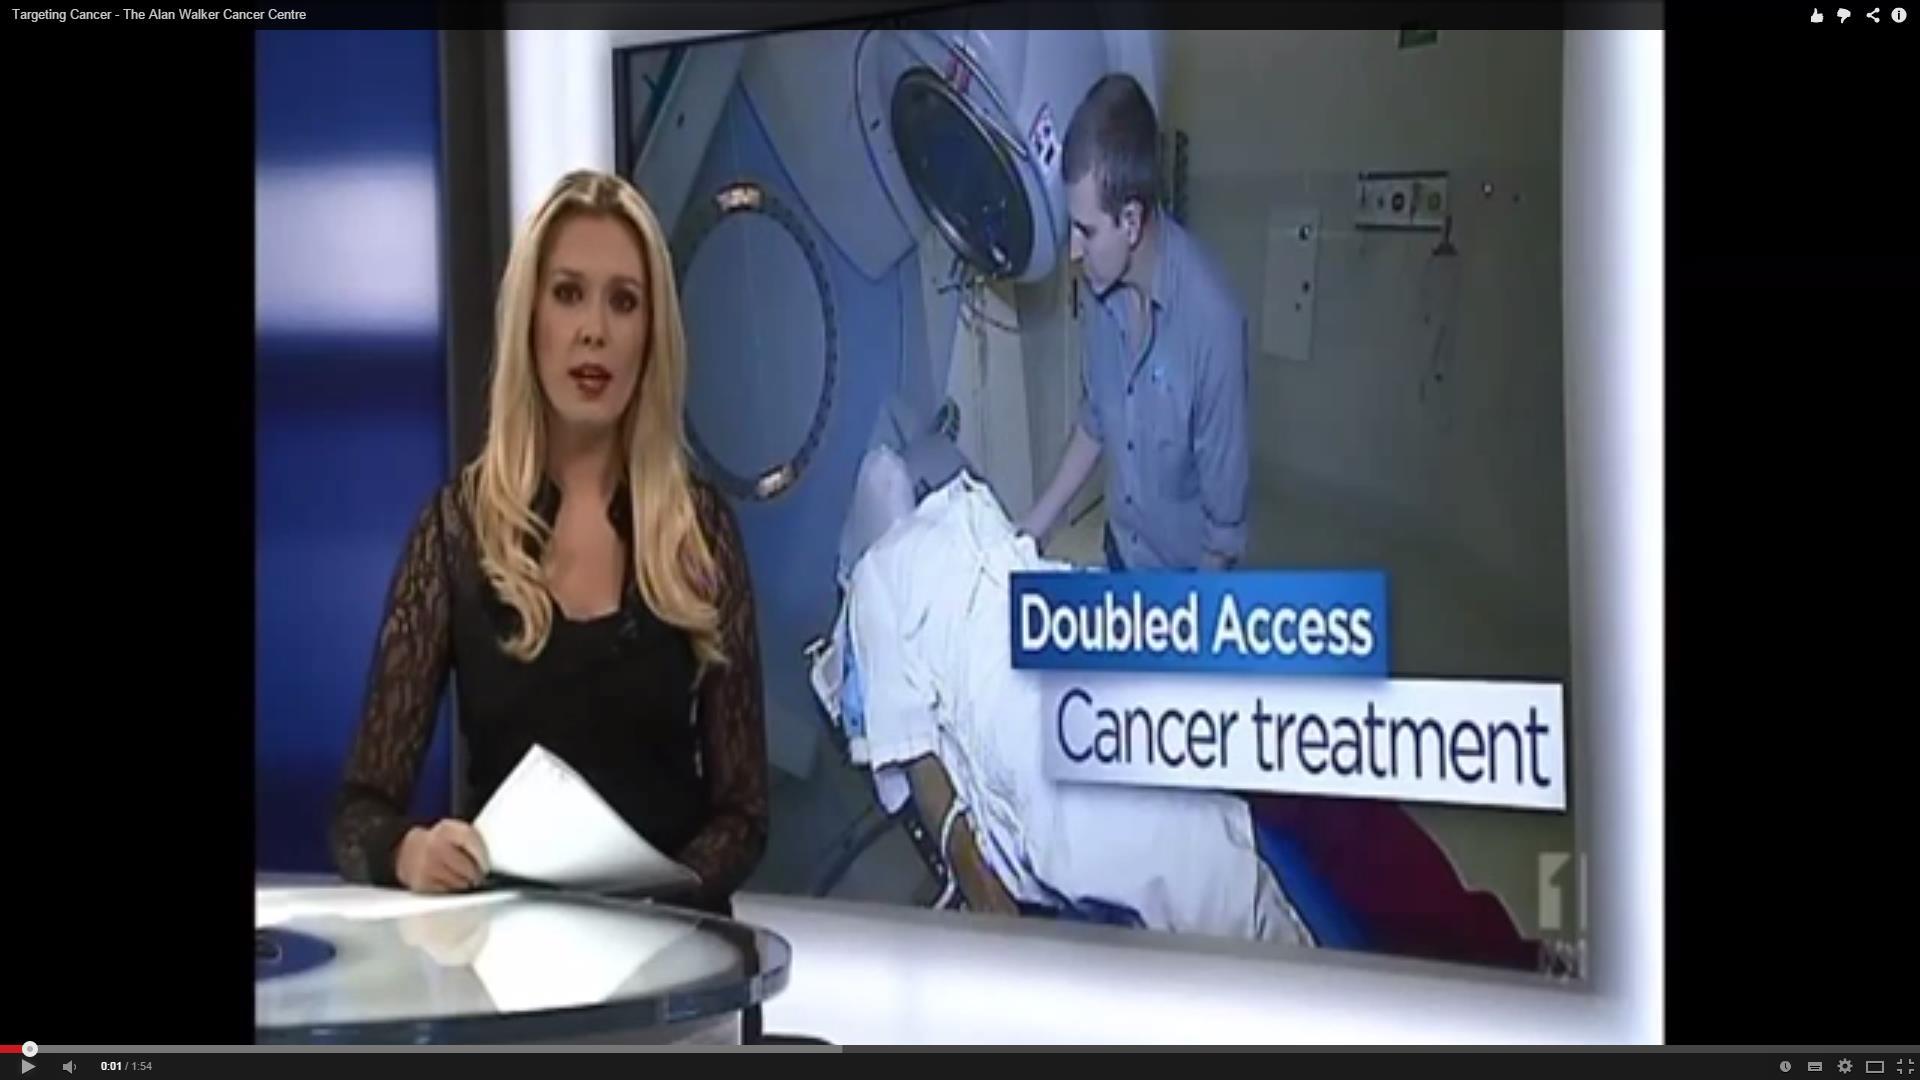 Alan Walker Cancer Centre Targeting Cancer